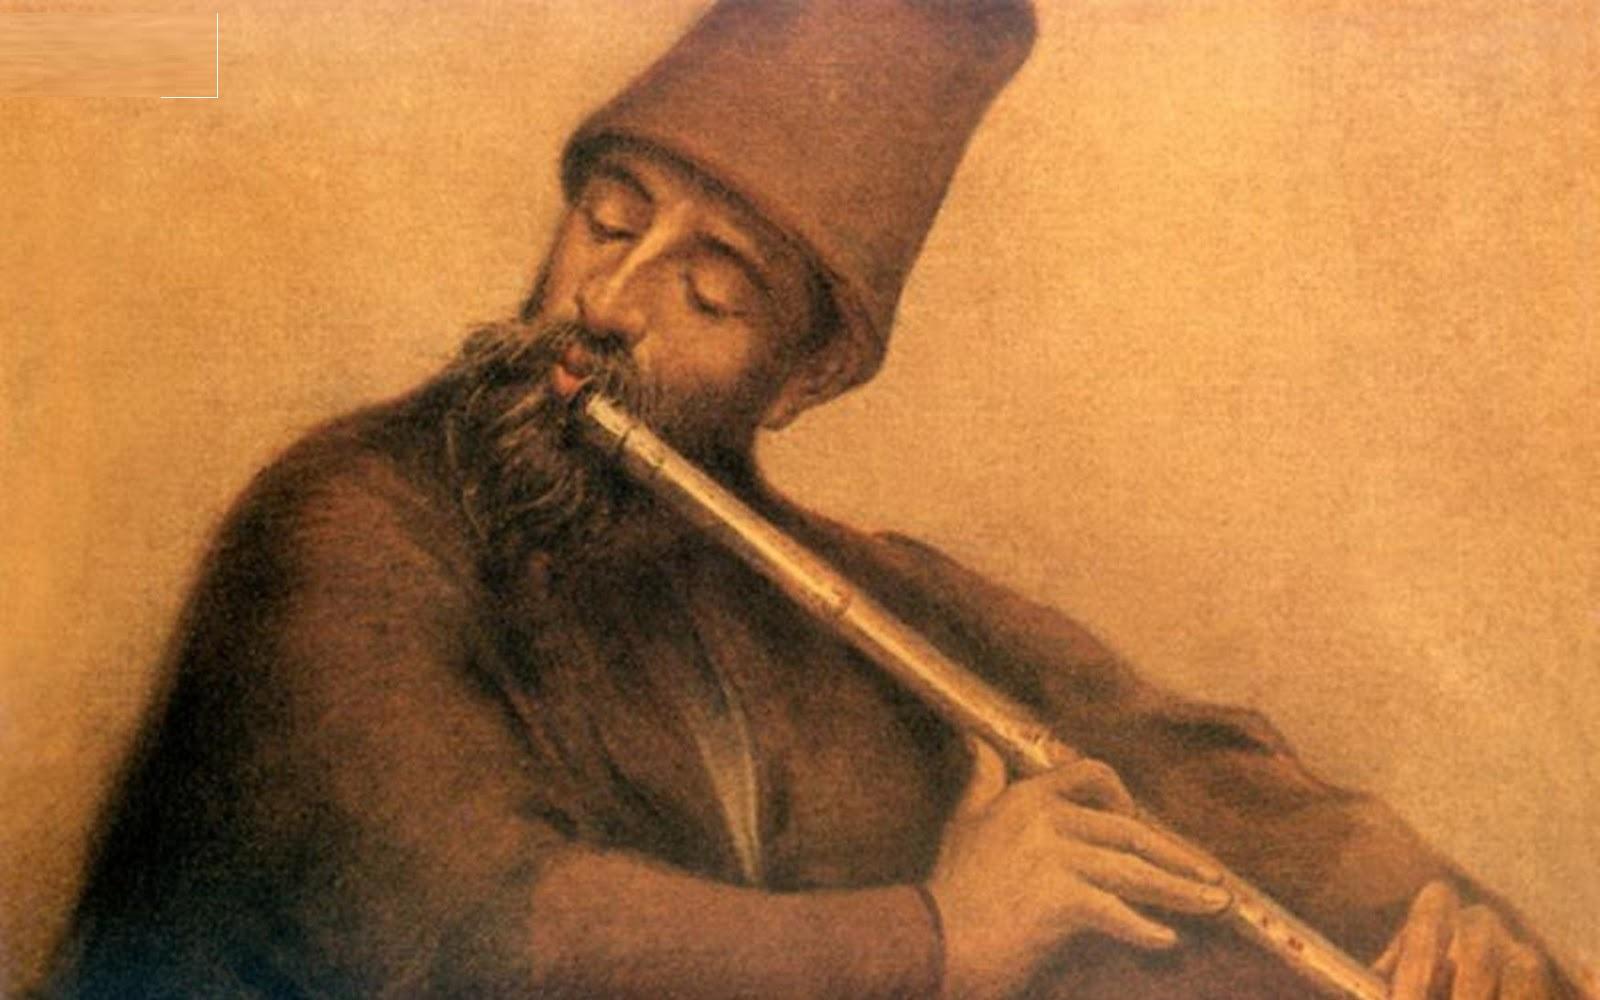 Neyzen İsmail Dede Hamamîzâde İsmail Dede Efendinin Daha Genç çağdaşı Olan Neyzen İsmail Dede Zikir Dervişler Mevlevihane Sema Osmanlı Musikisi